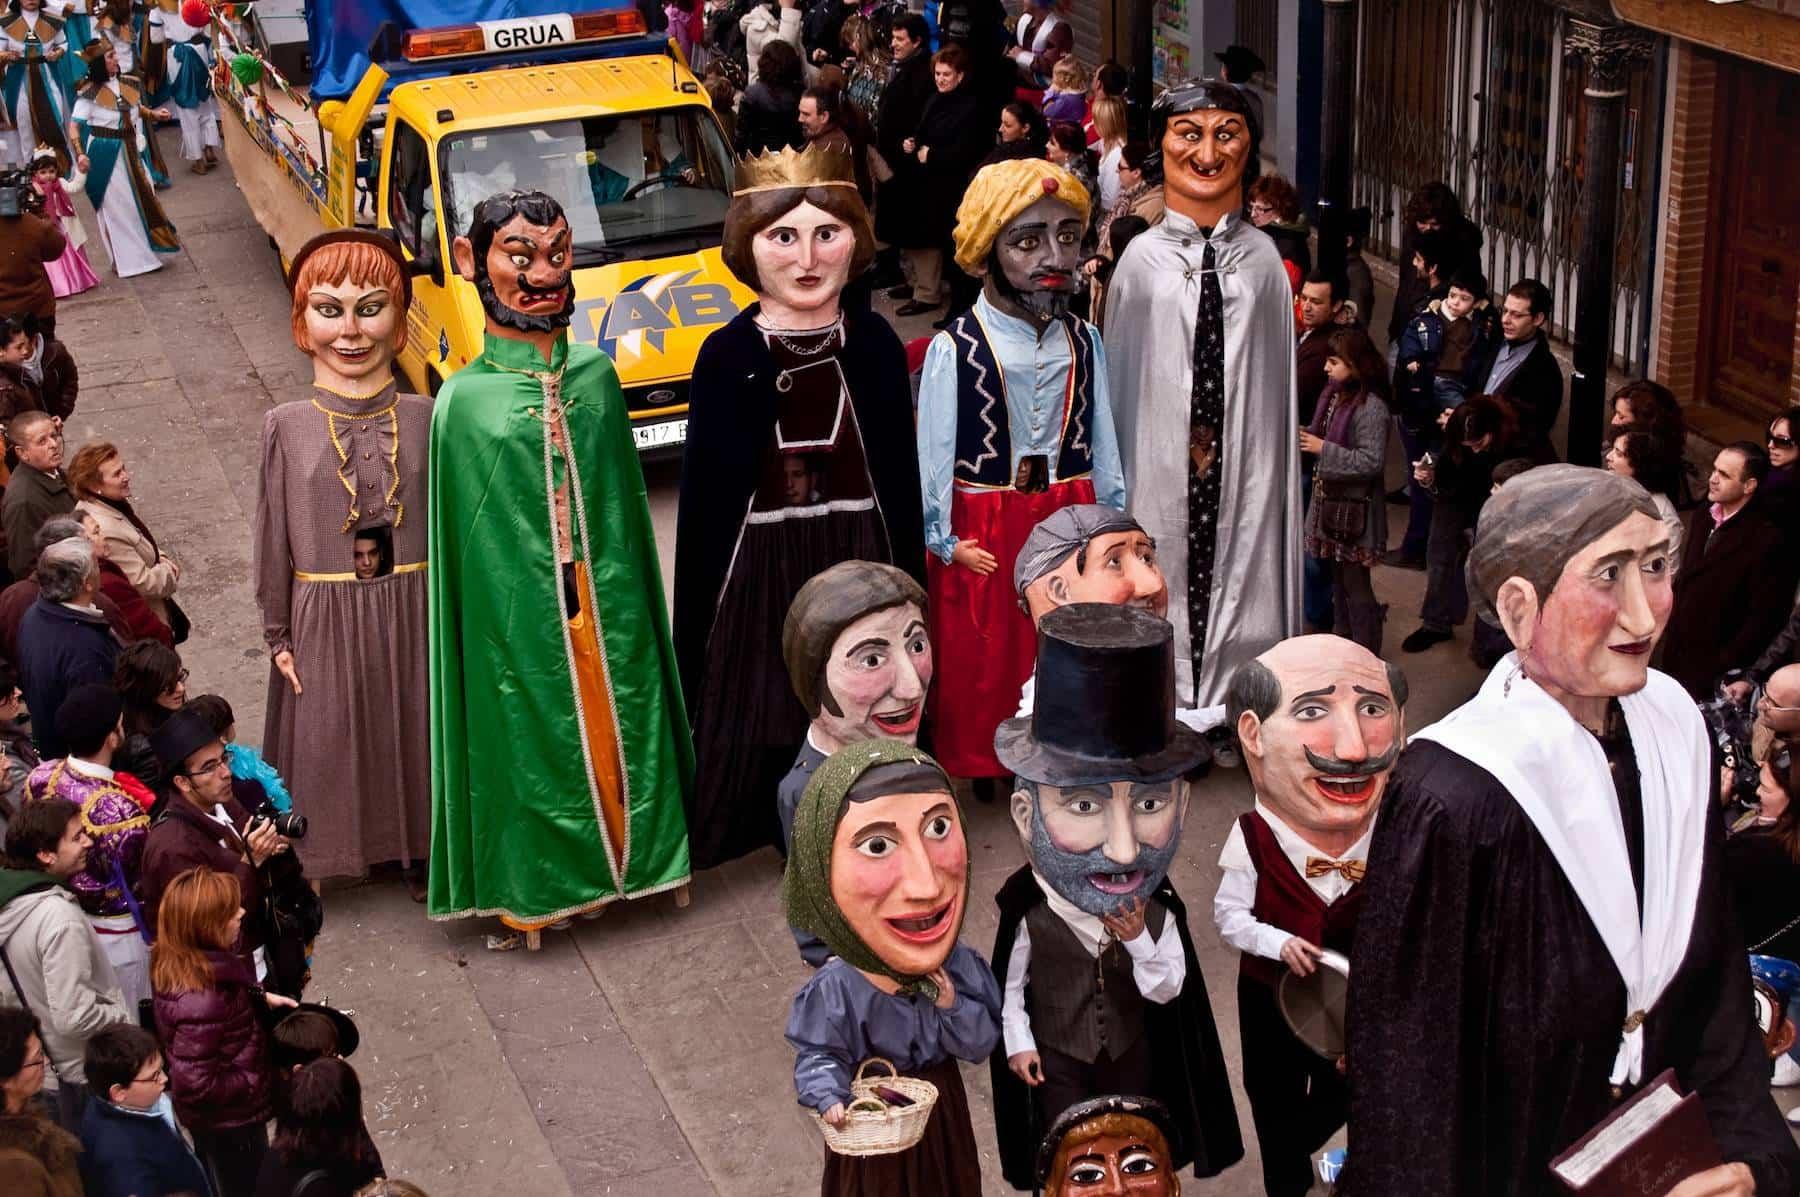 Gigantes y Cabezudos del Carnaval de Herencia 2010 - Fijados los días festivos locales de 2019 para el Carnaval y las fiestas de la Merced